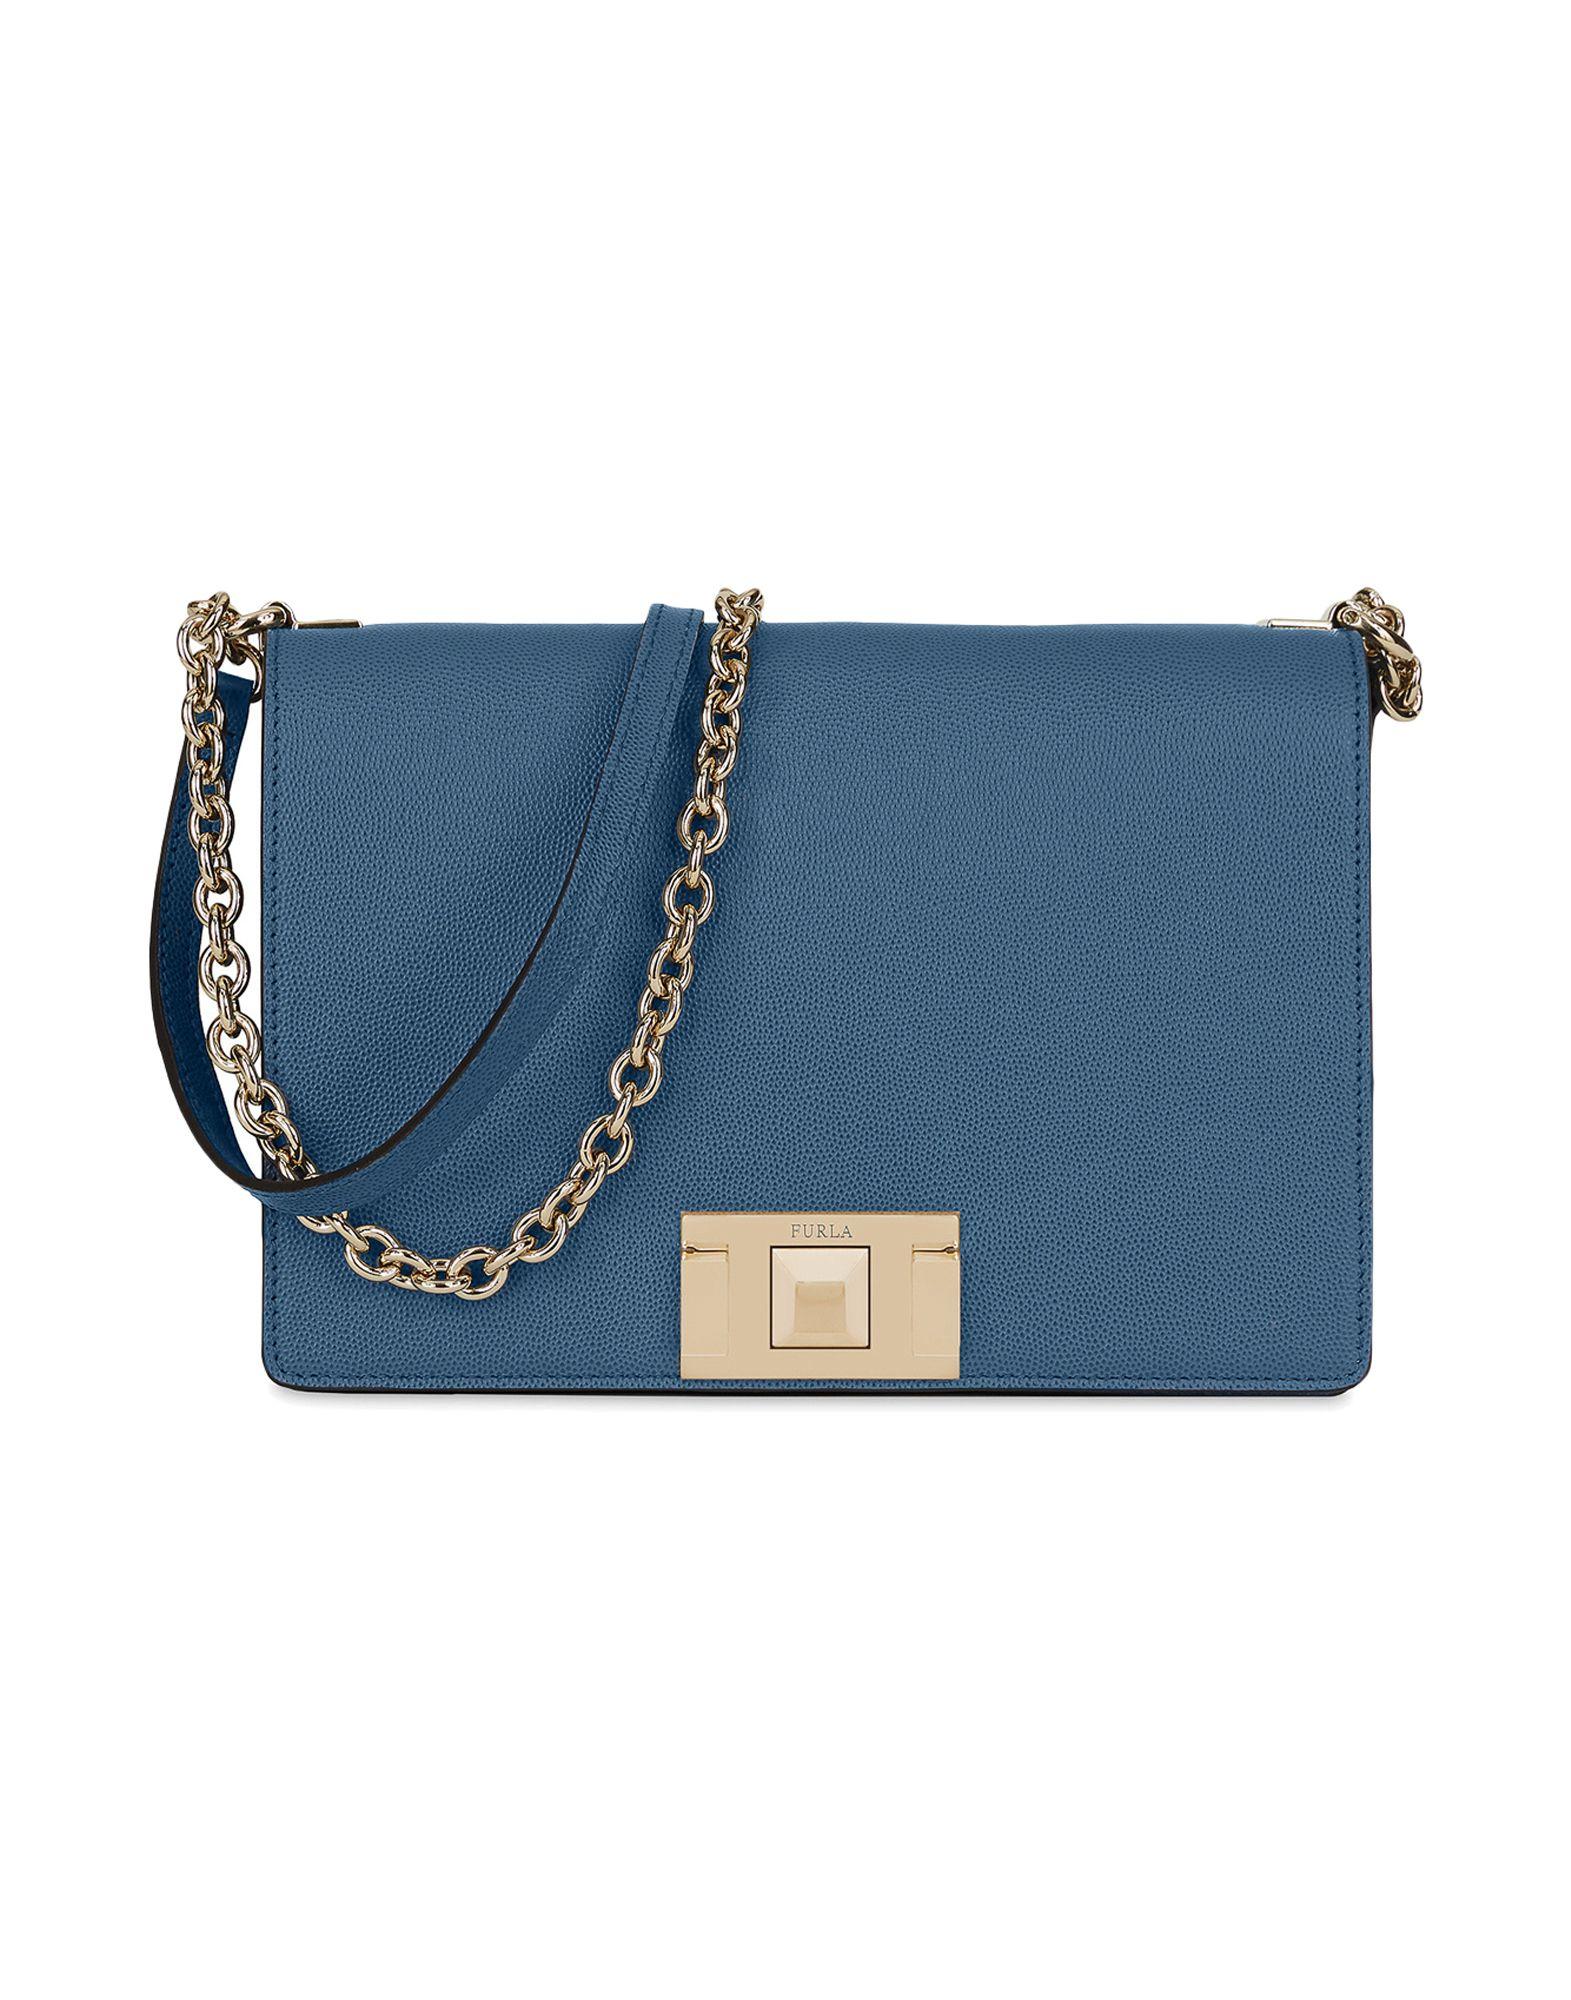 979bcc593a74 フルラ(FURLA) バッグ ブルー ショルダーバッグ - 価格.com